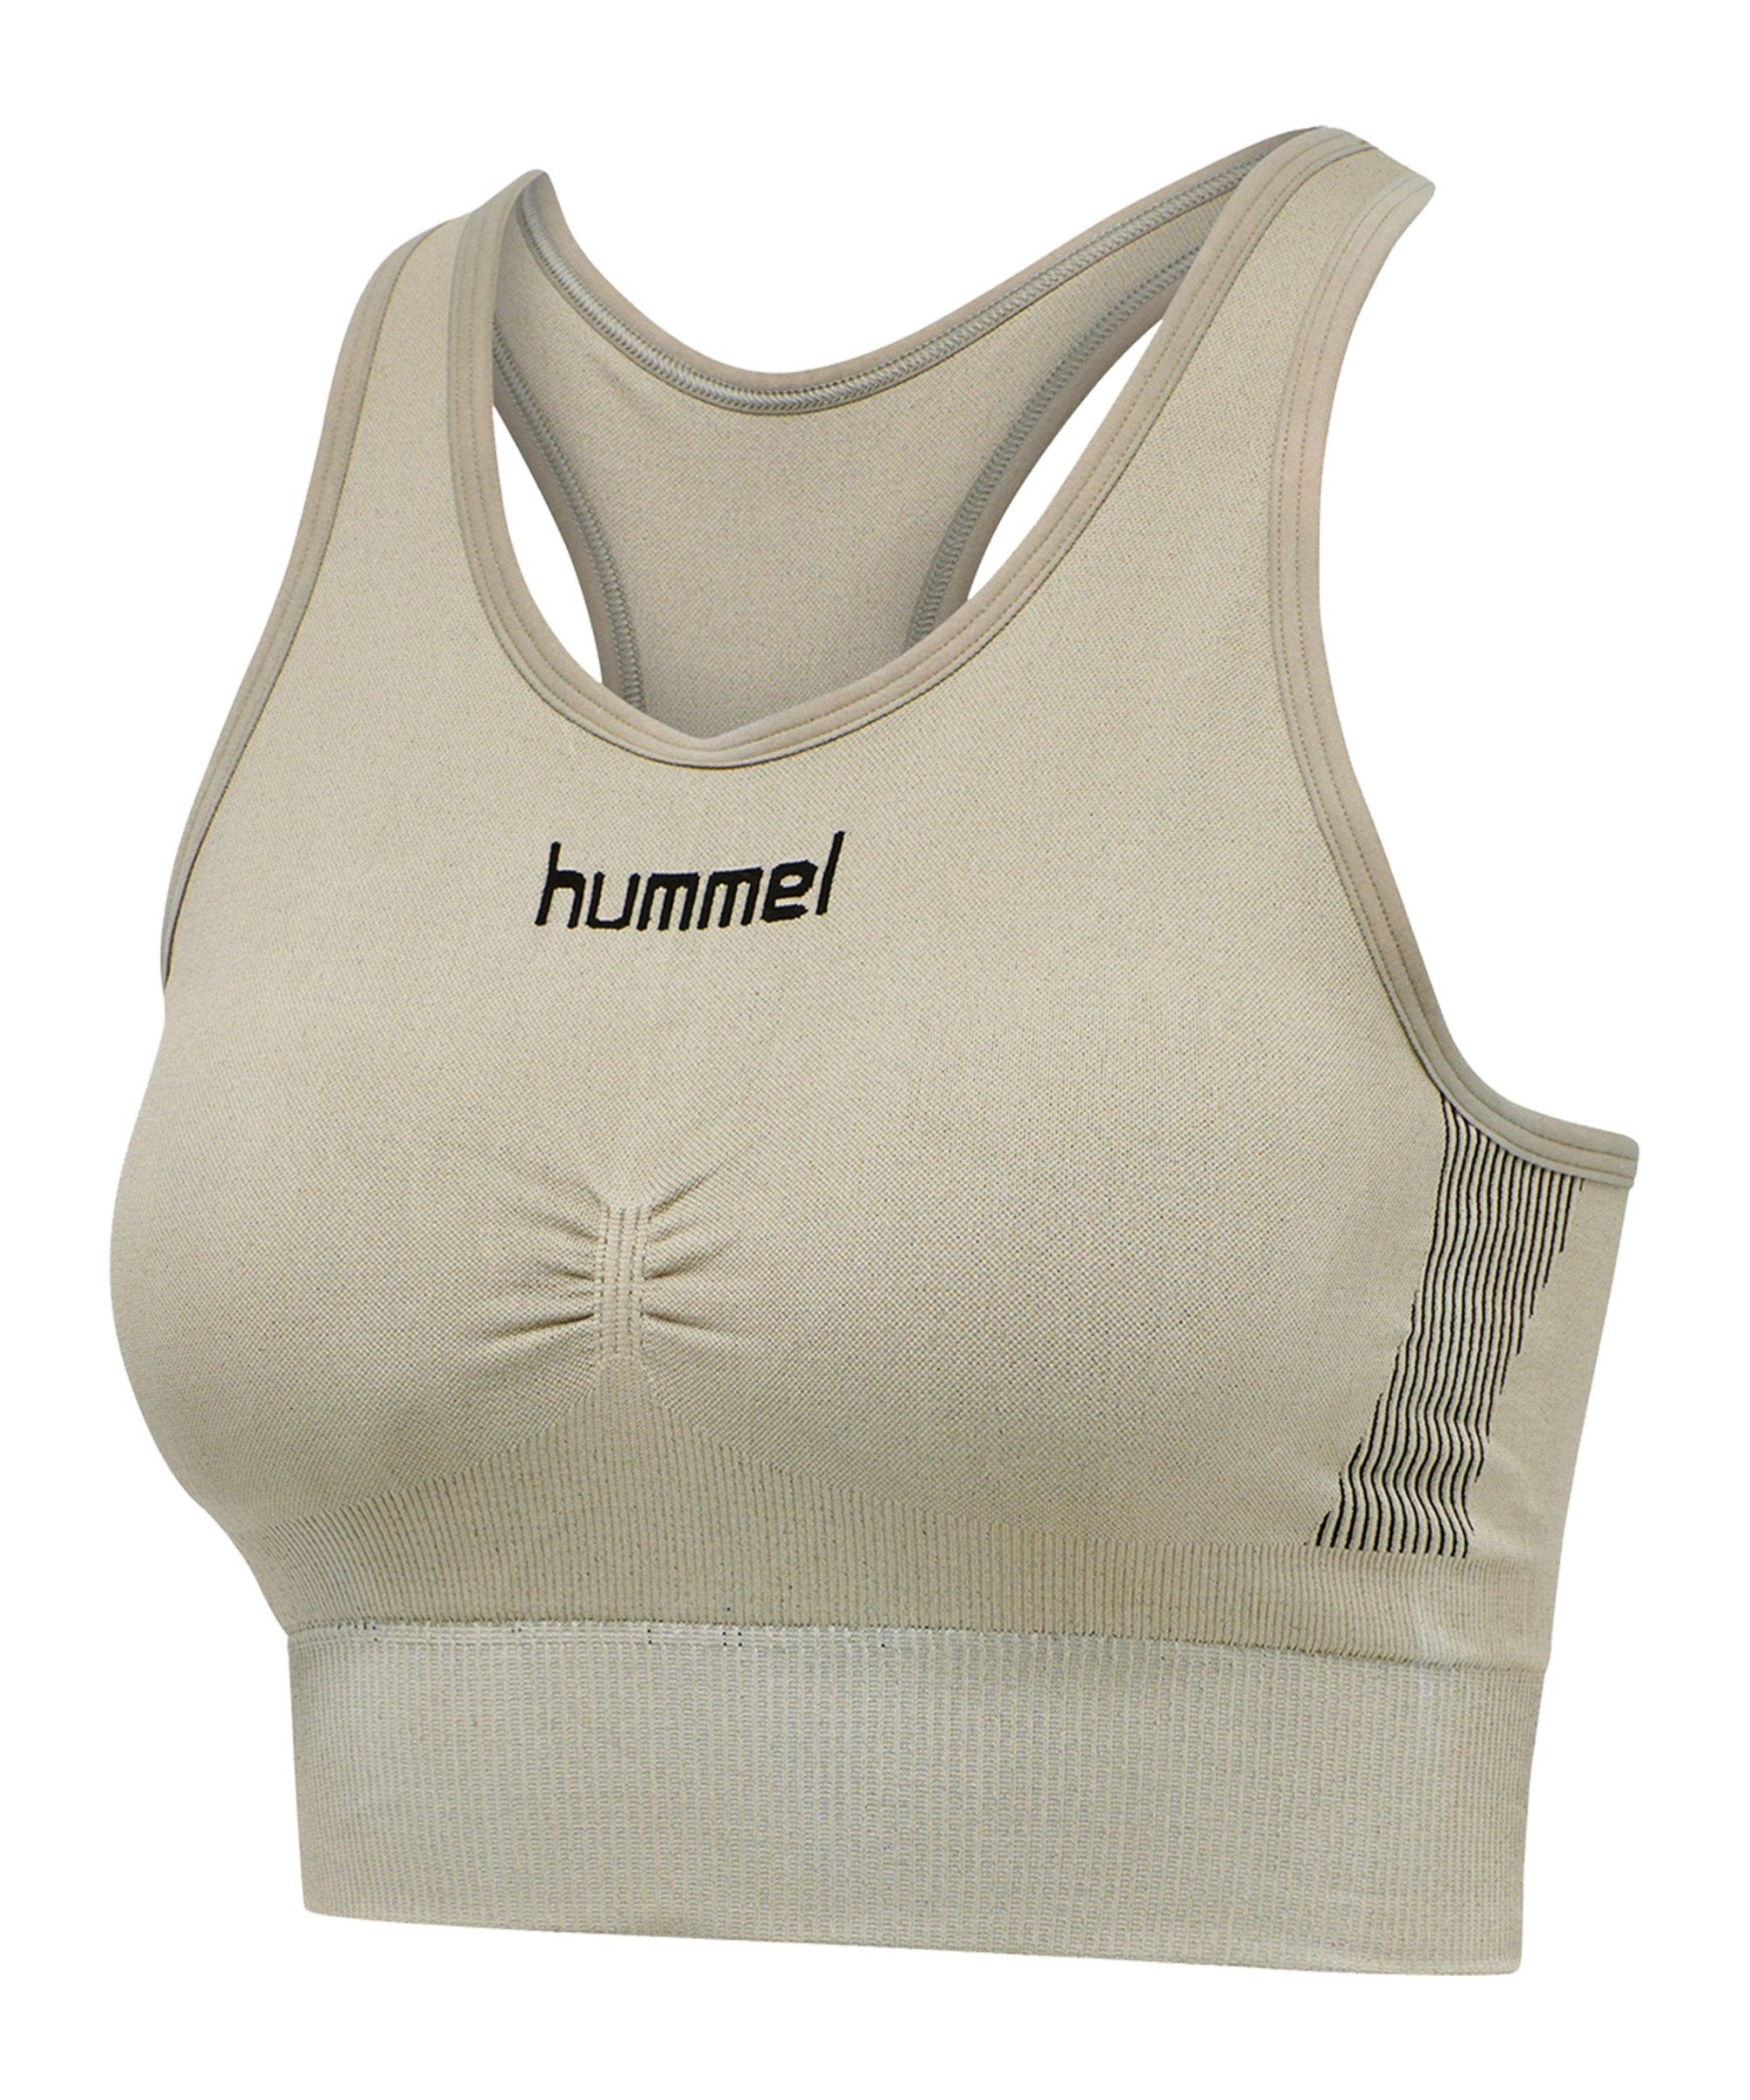 Hummel First Seamless Sport-BH Bra Damen F2931 - gruen